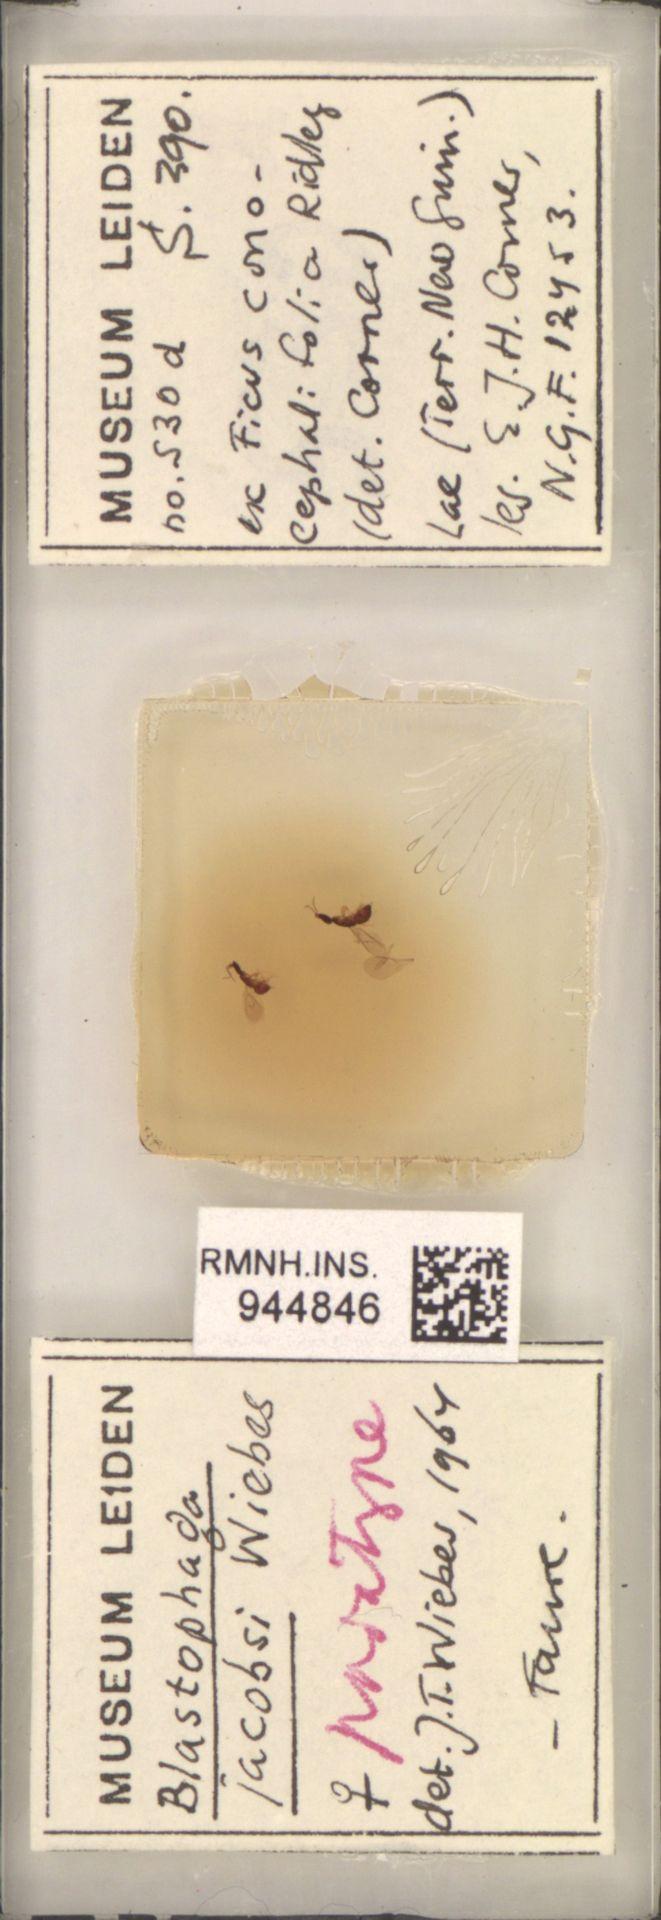 RMNH.INS.944846 | Blastophaga jacobsi Wiebes